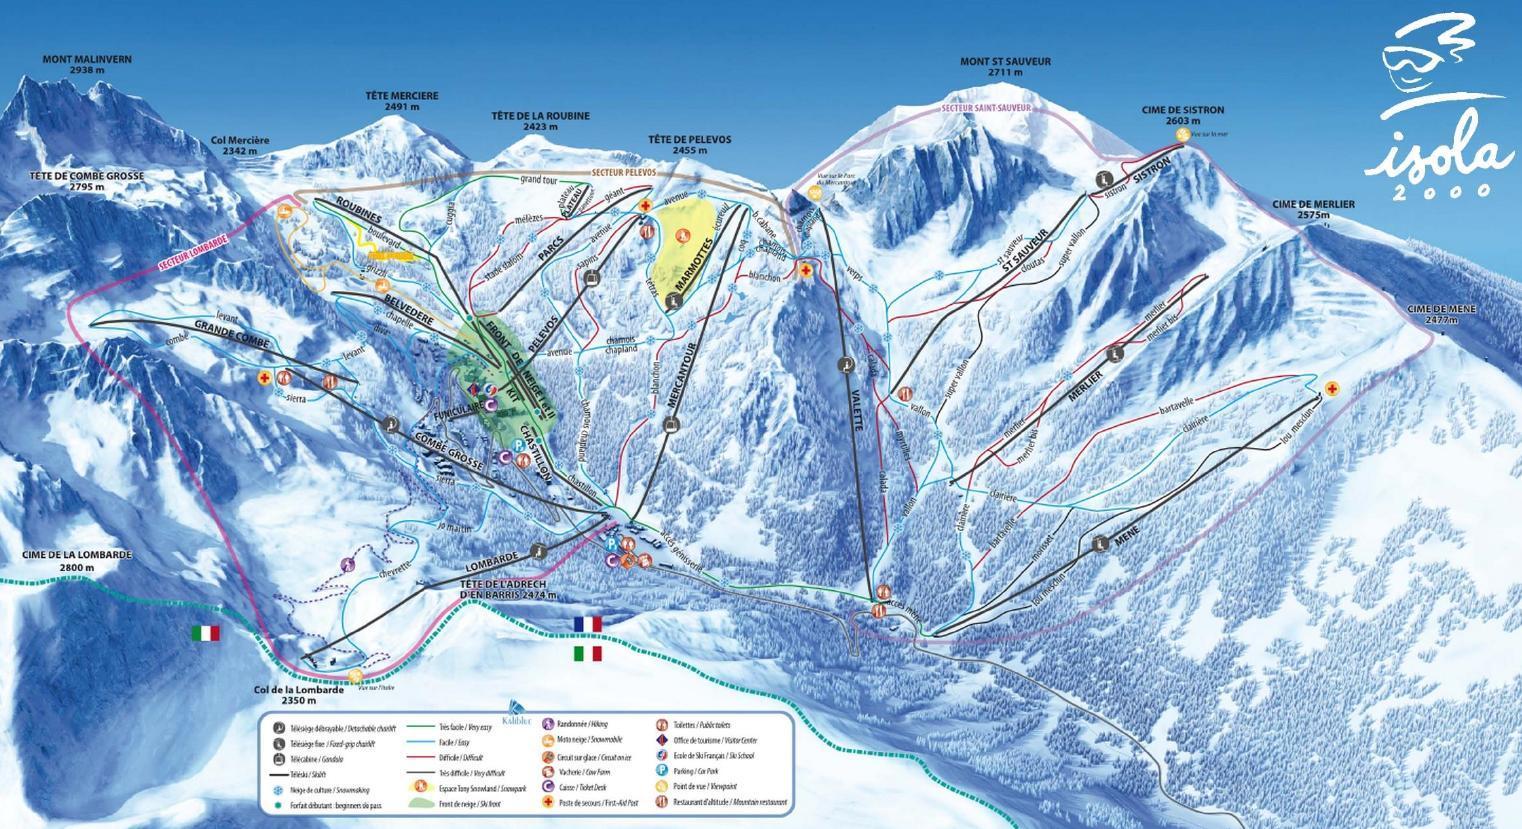 Isola 2000 plan des pistes de ski isola 2000 - Office de tourisme d isola 2000 ...